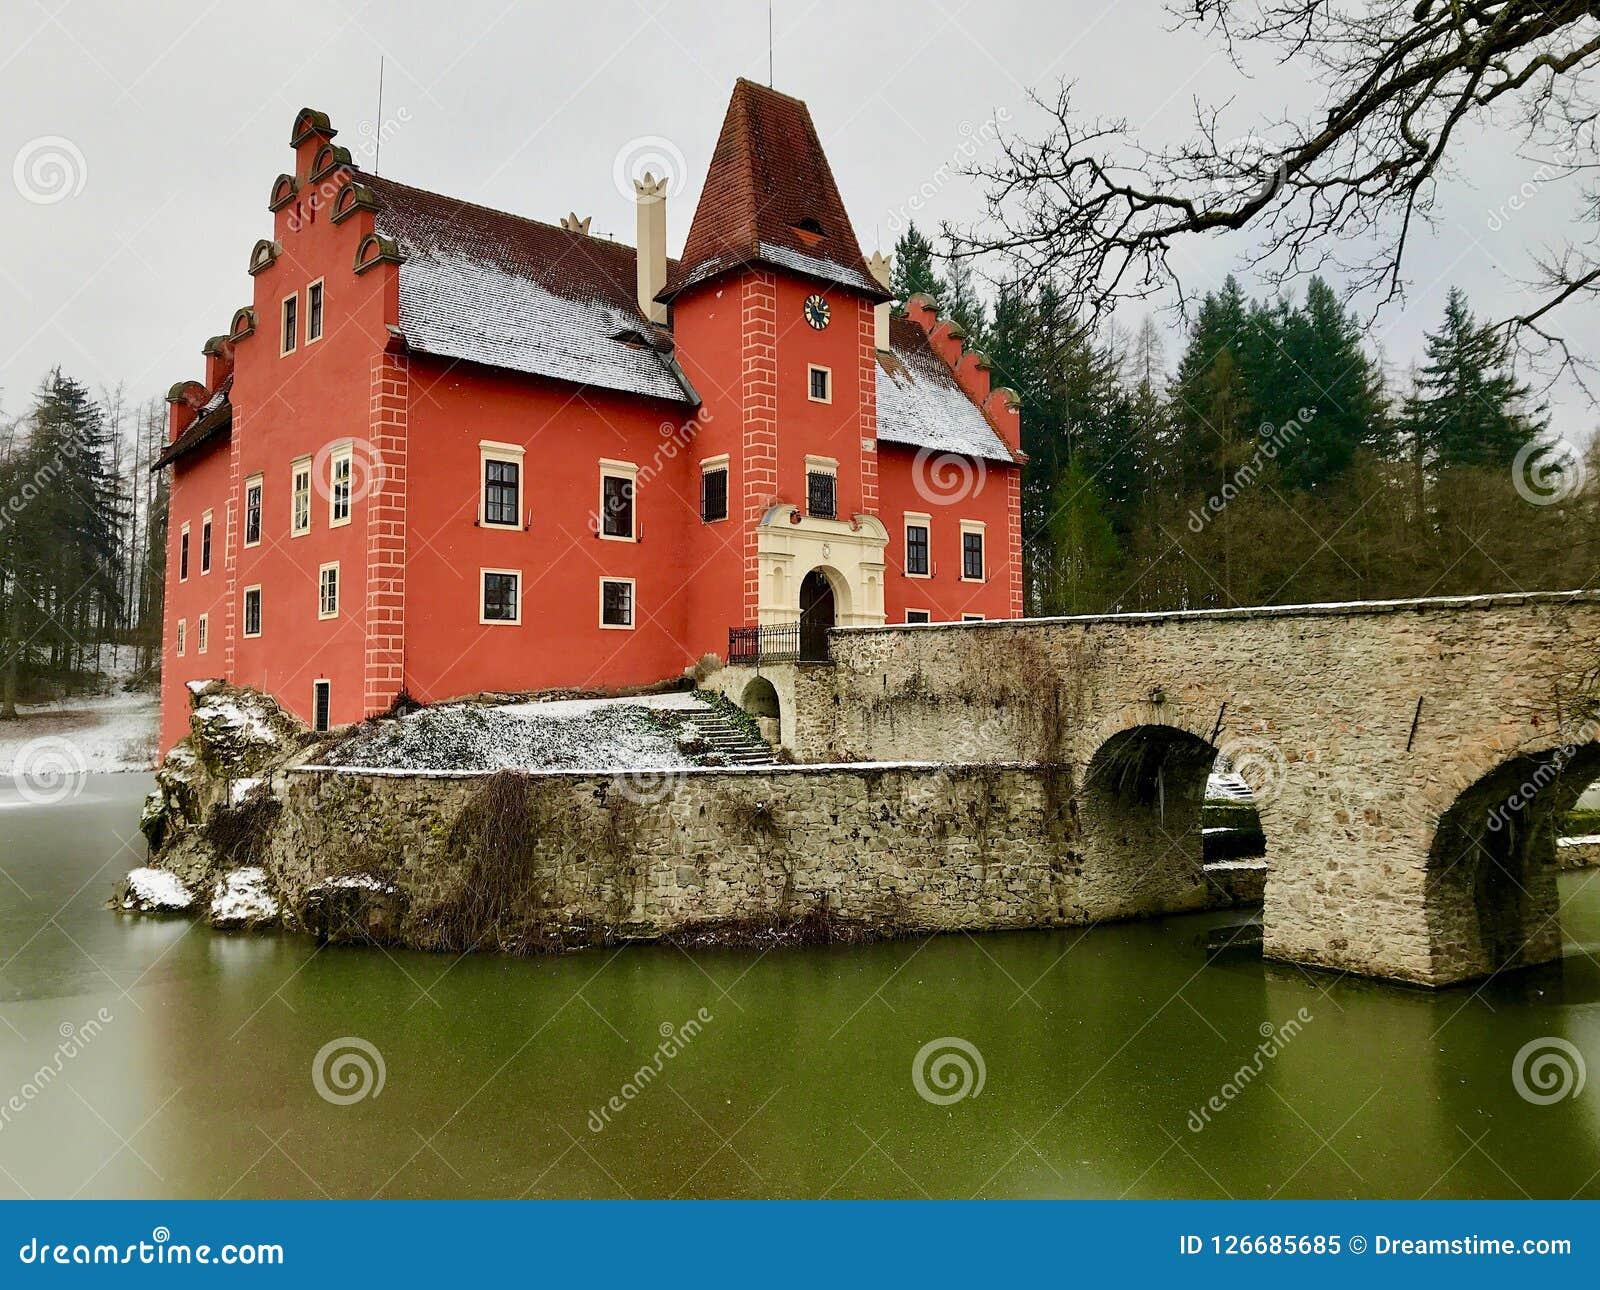 Schönes Chateau mit einer Brücke und einem gefrorenen Burggraben während des Winters